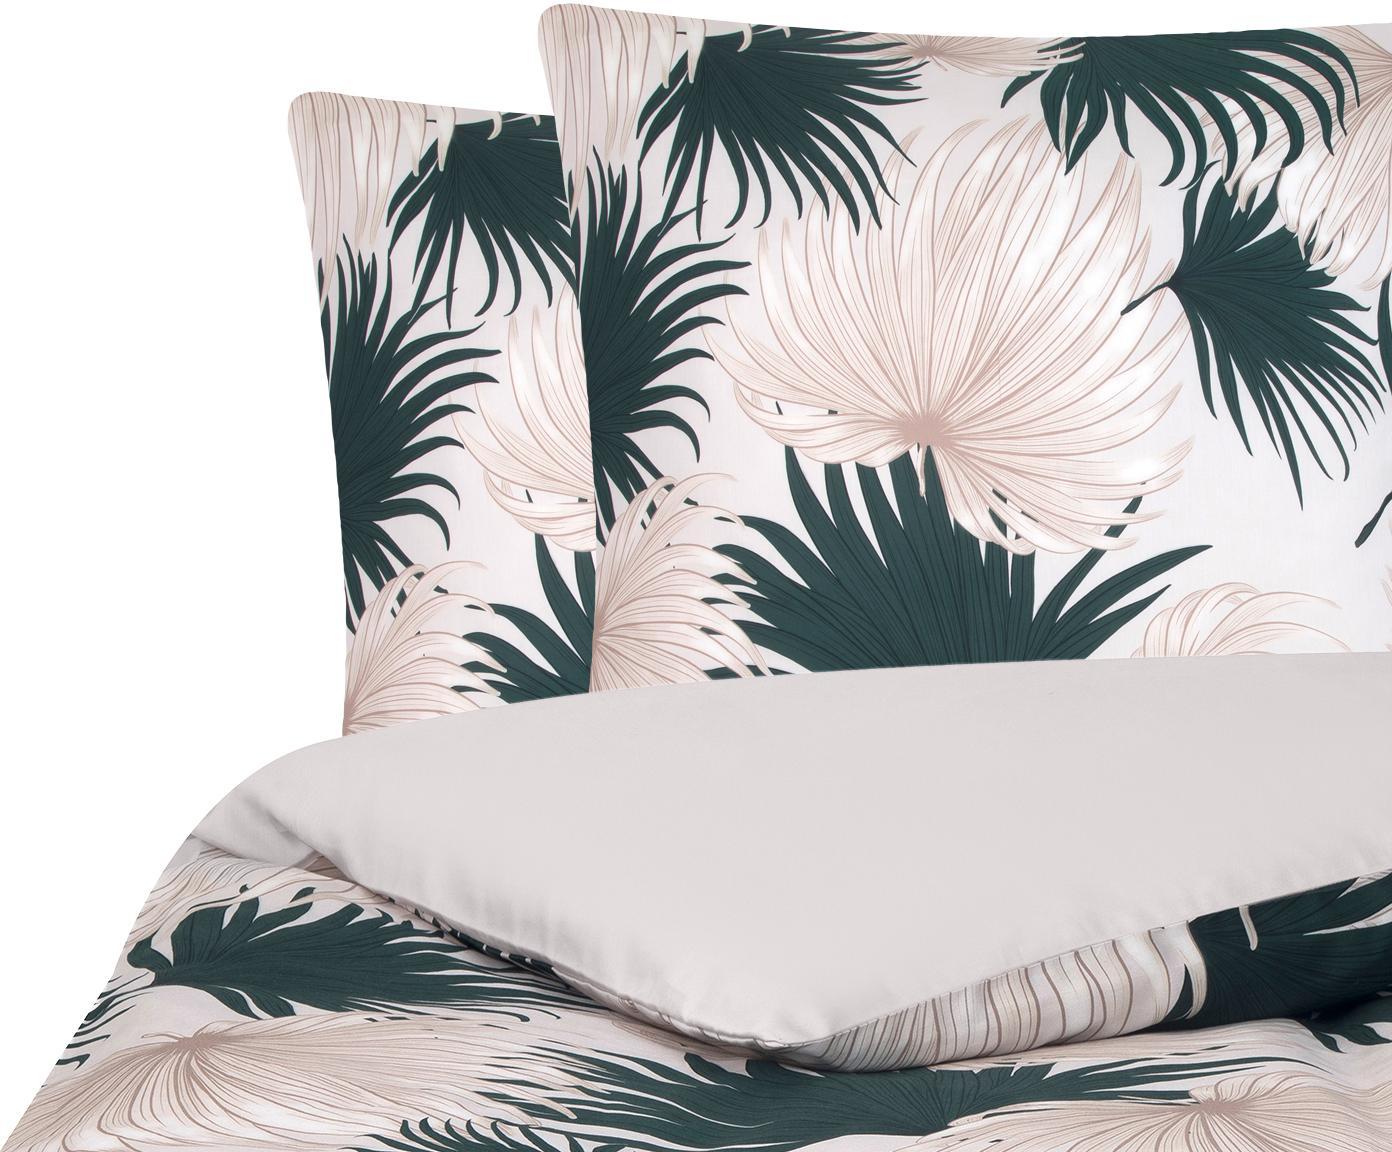 Baumwollsatin-Bettwäsche Aloha mit Palmenblättern, Webart: Satin Fadendichte 210 TC,, Vorderseite: Beige, GrünRückseite: Beige, 200 x 200 cm + 2 Kissen 80 x 80 cm